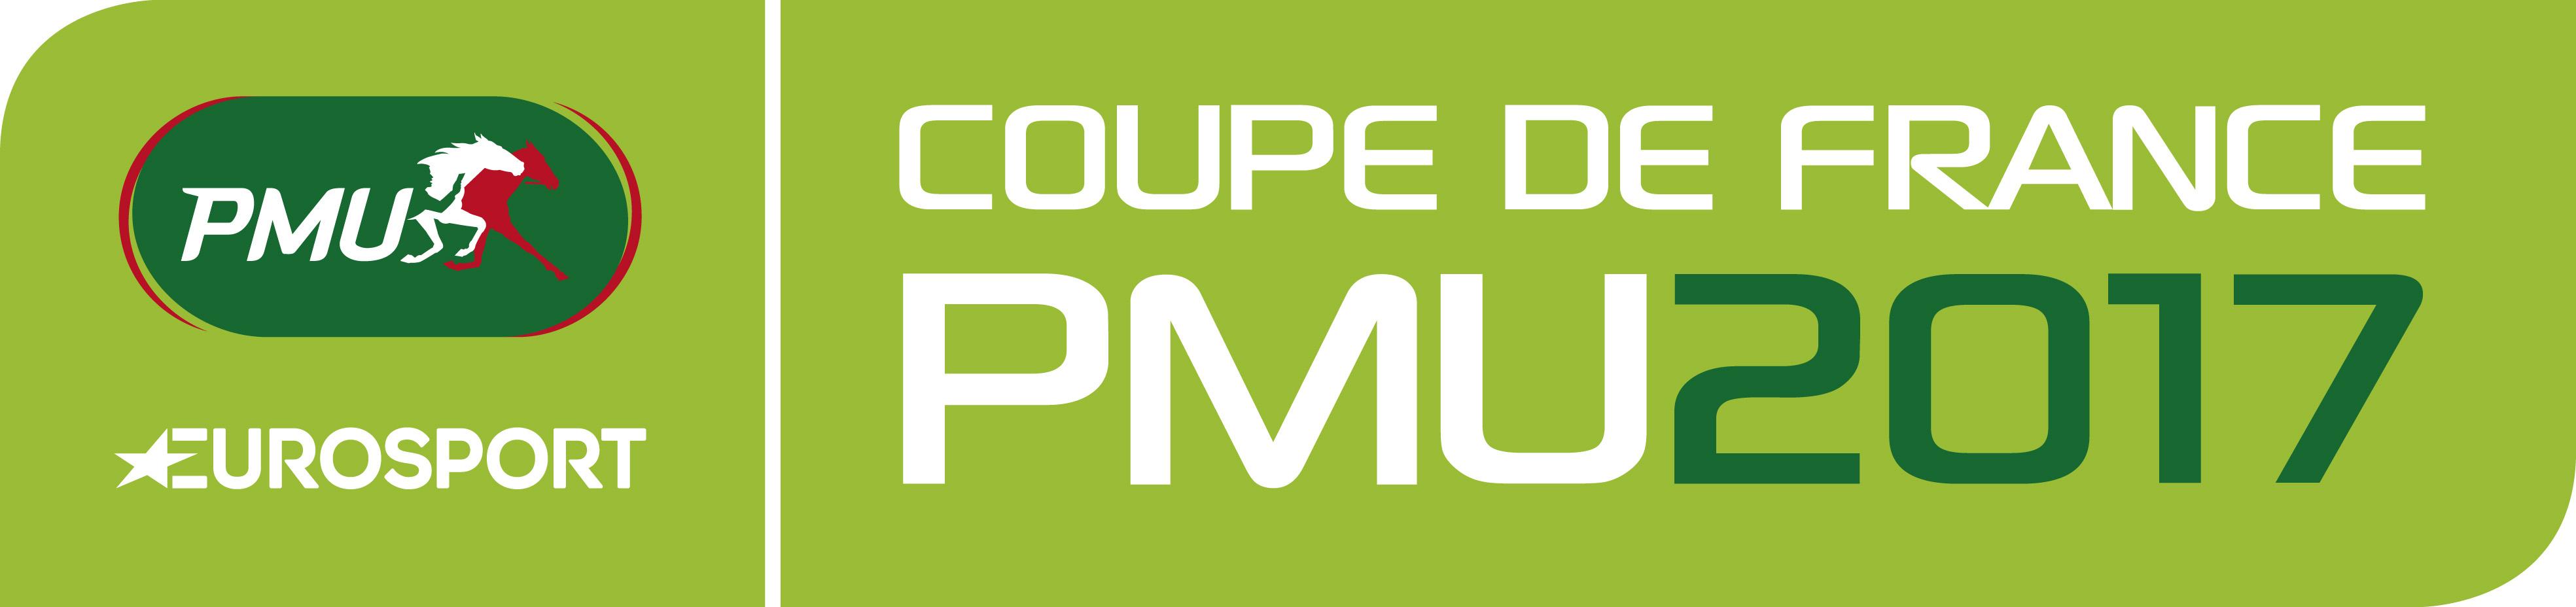 Calendrier Quinte 2021 Calendrier PMU 2017 – Route Adélie de Vitré / Course cycliste